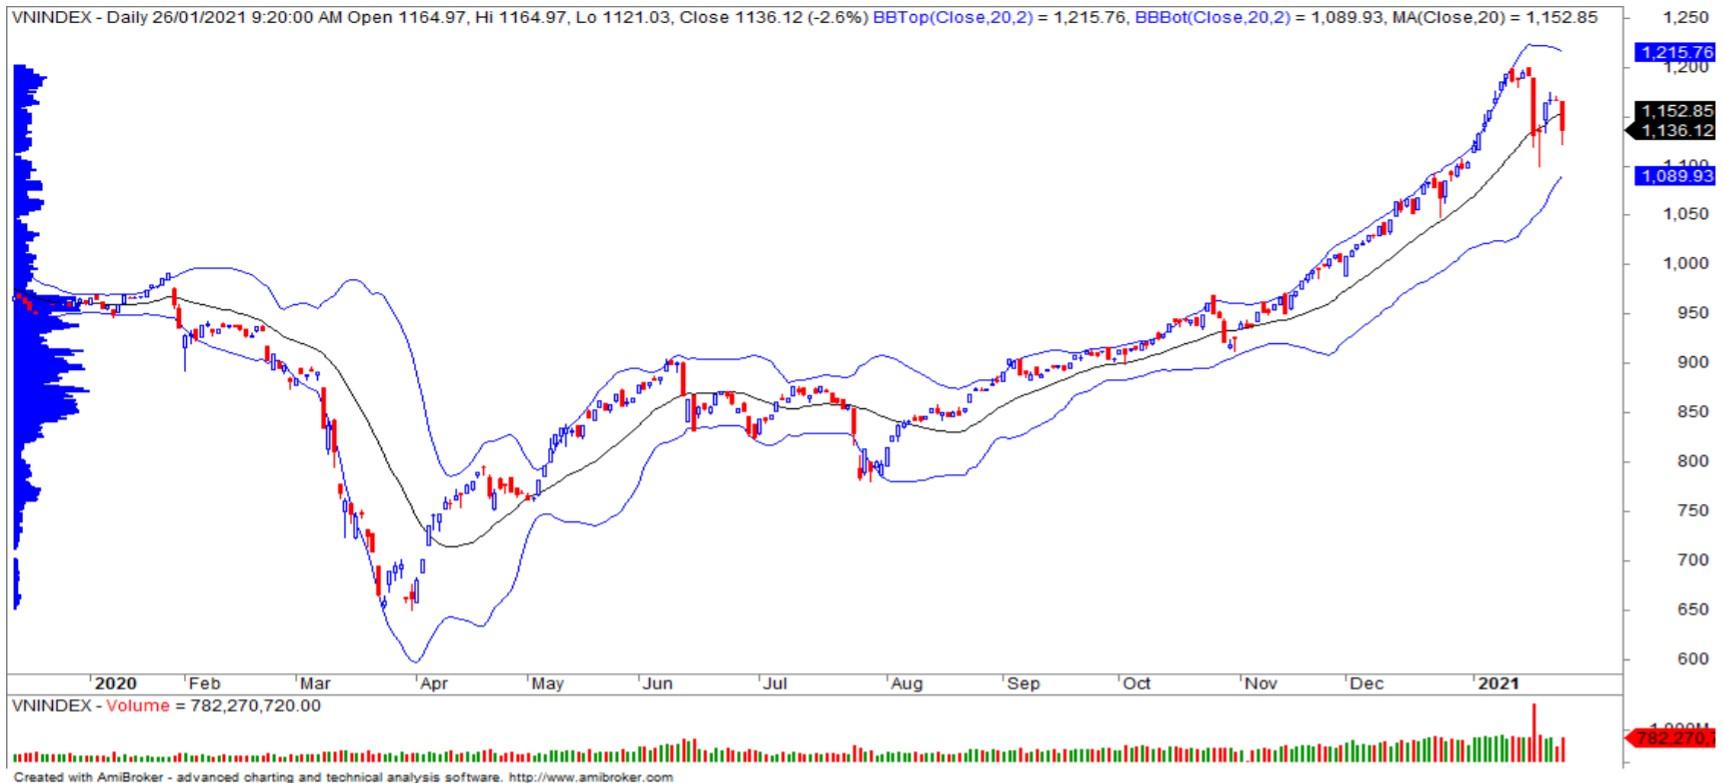 Nhận định thị trường chứng khoán ngày 27/1: Kiểm định vùng hỗ trợ 1.105 - 1.120 điểm - Ảnh 1.